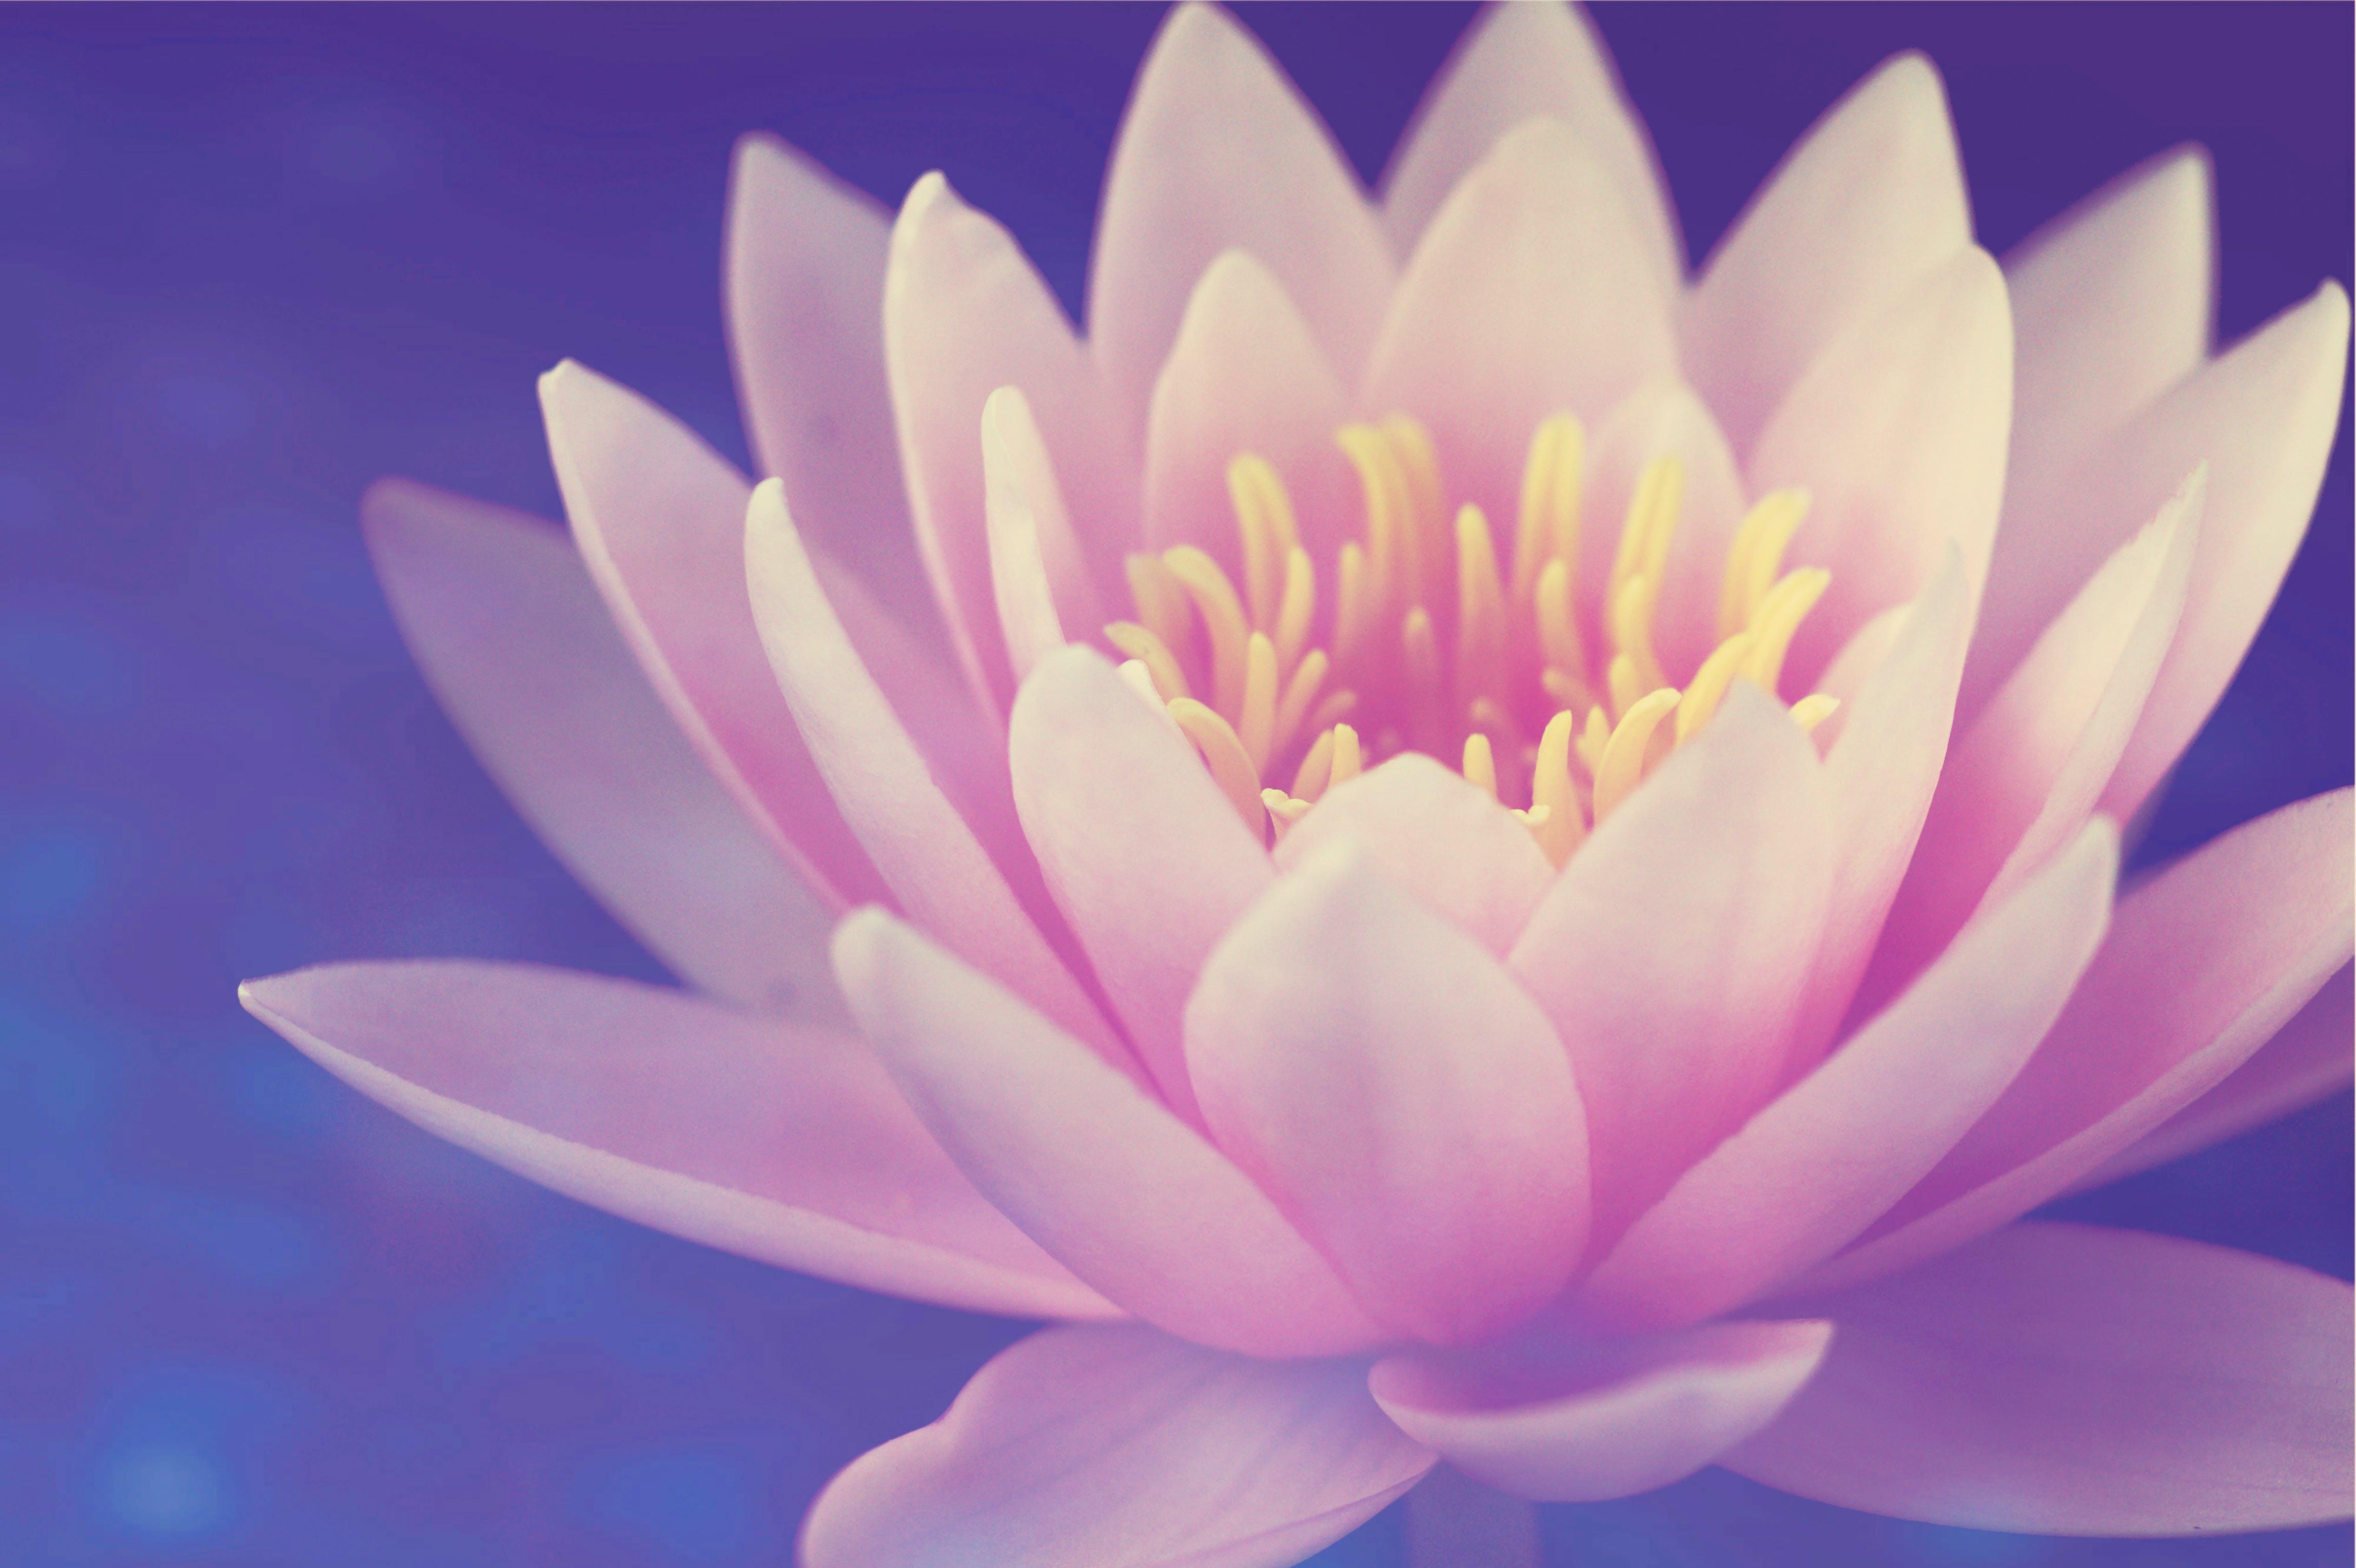 Kostnadsfri bild av blomma, blomning, exotisk, flora